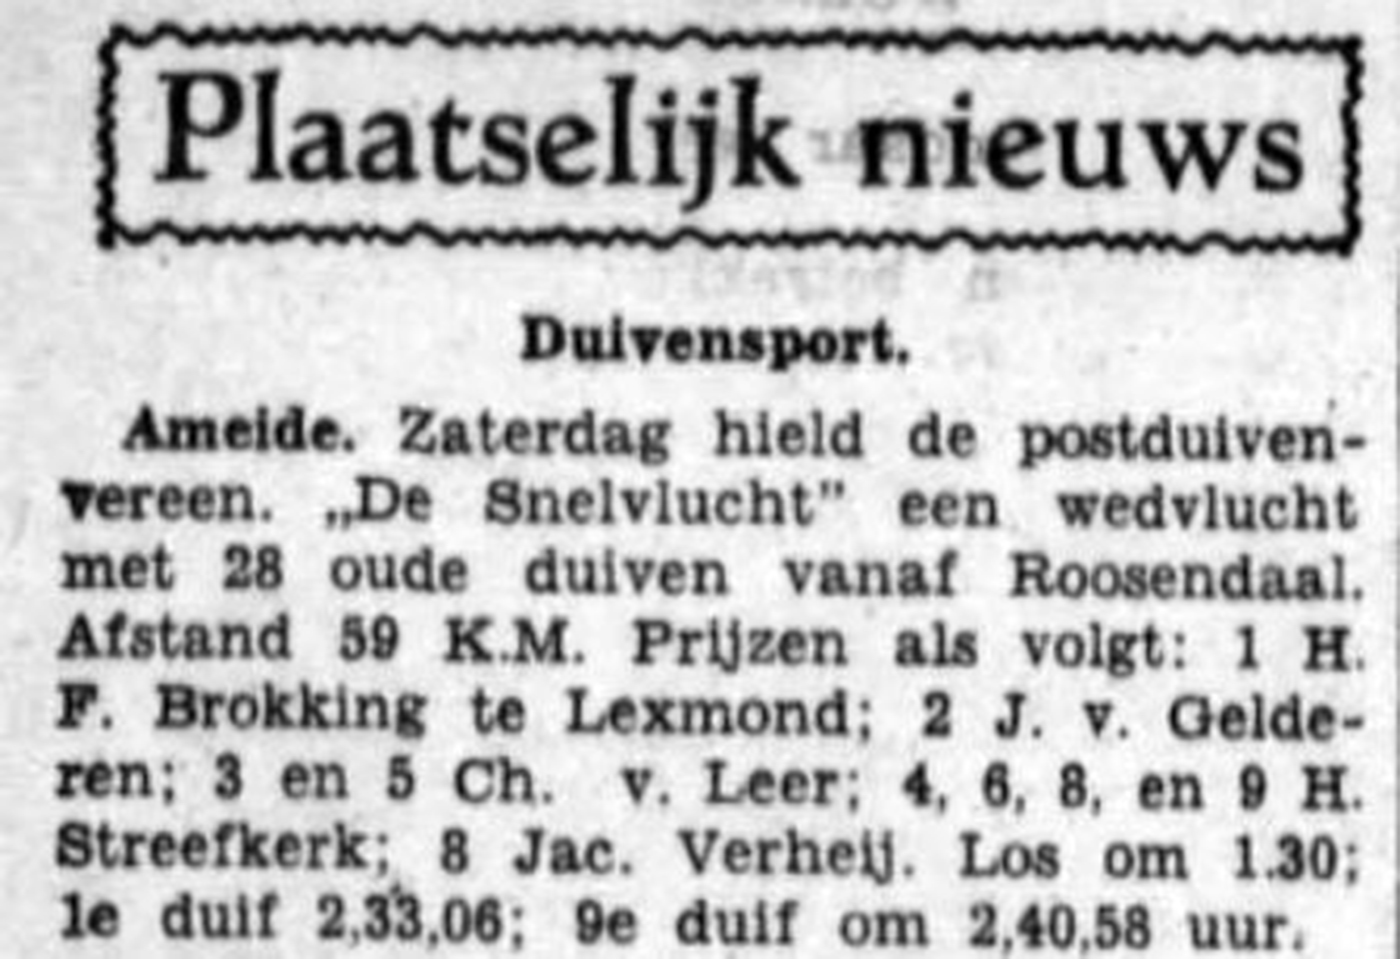 schoonhovensche-courant-06808-1937-05-12-artikel-02